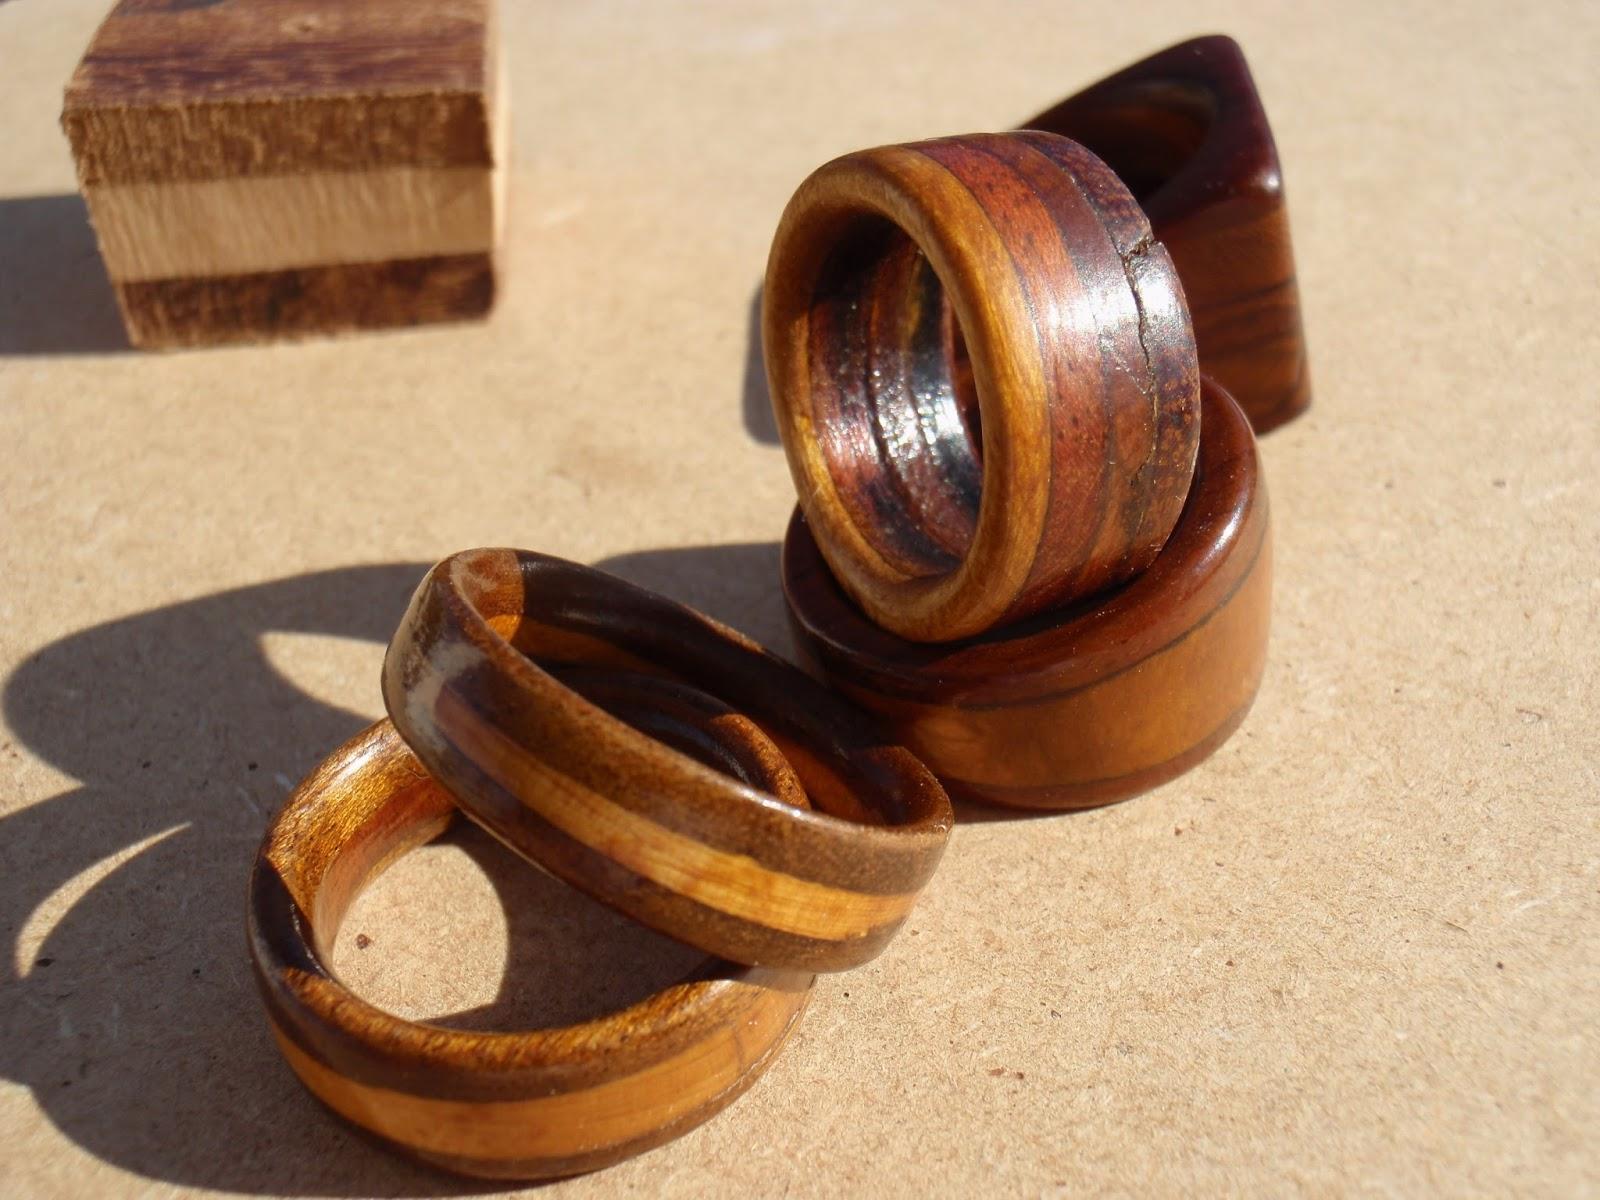 Arte en madera: Anillos de madera circulares #A54A26 1600x1200